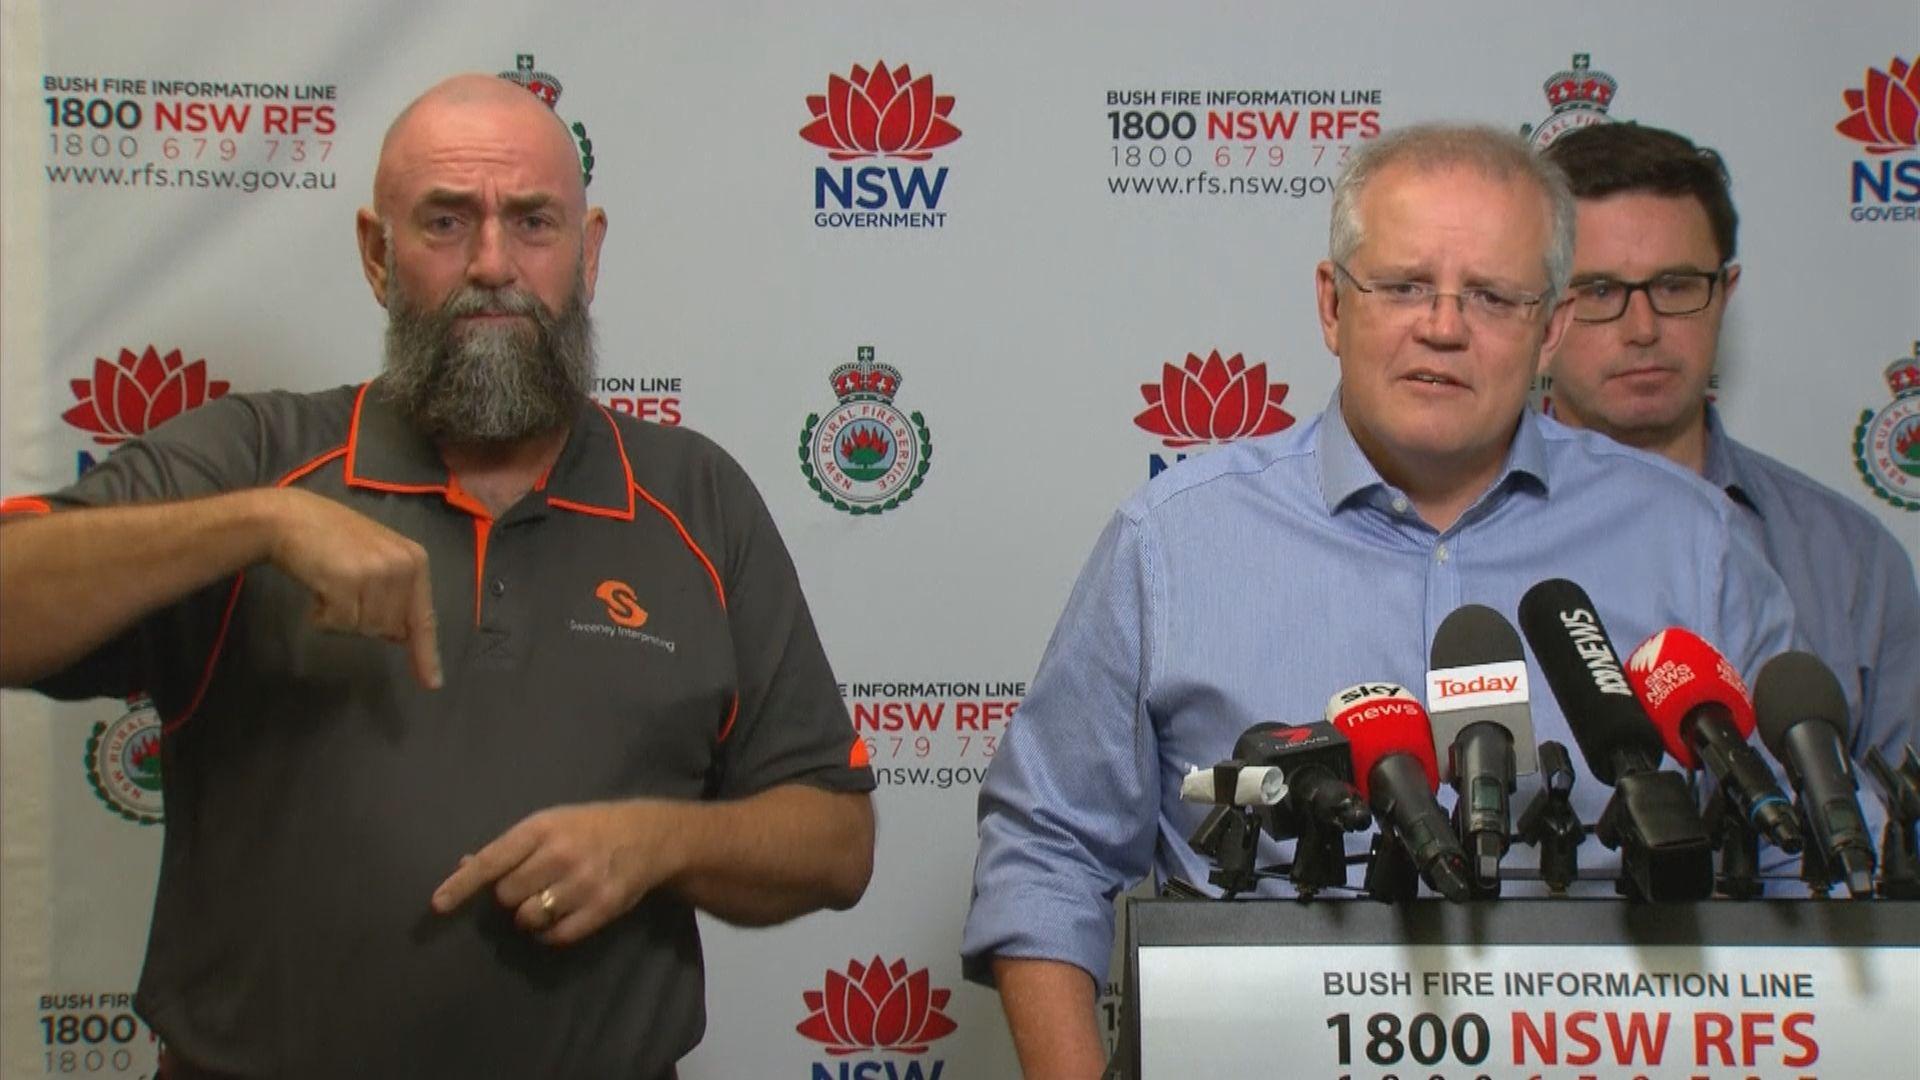 澳洲總理莫里森再次就山火期間出國度假致歉